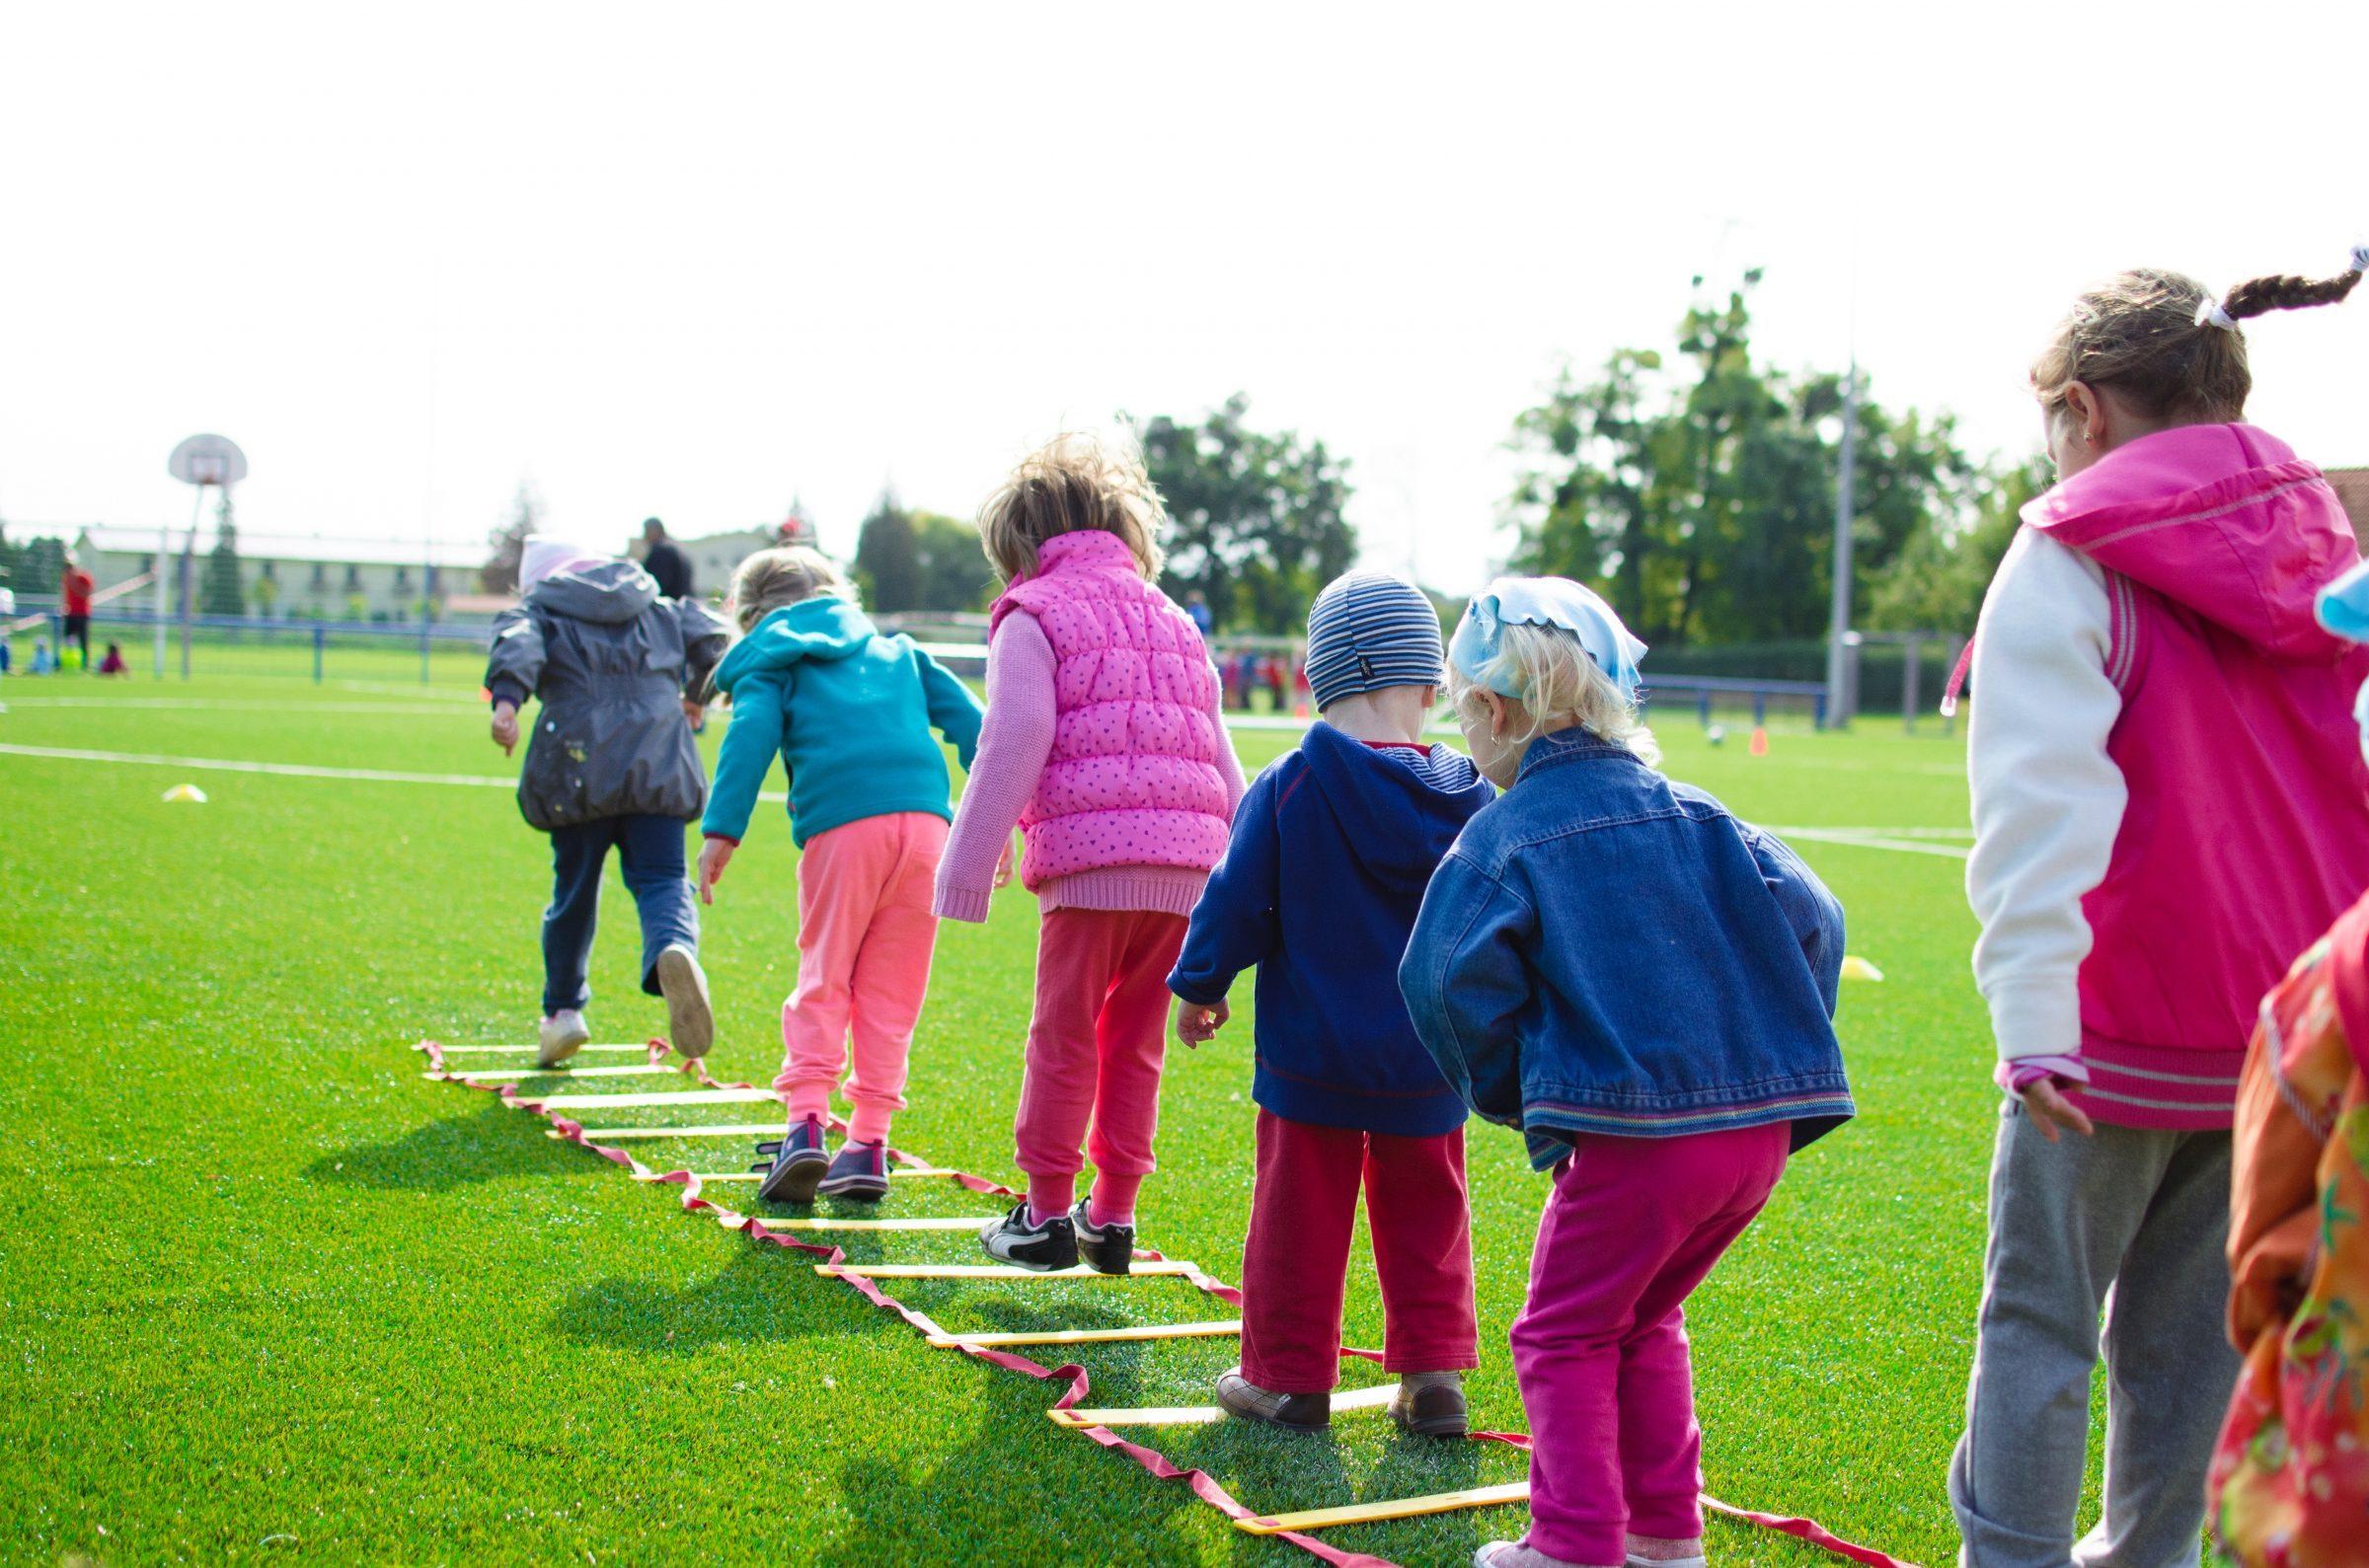 Ritorna l'iniziativa dei centri estivi per i fratelli perché l'estate è di tutti